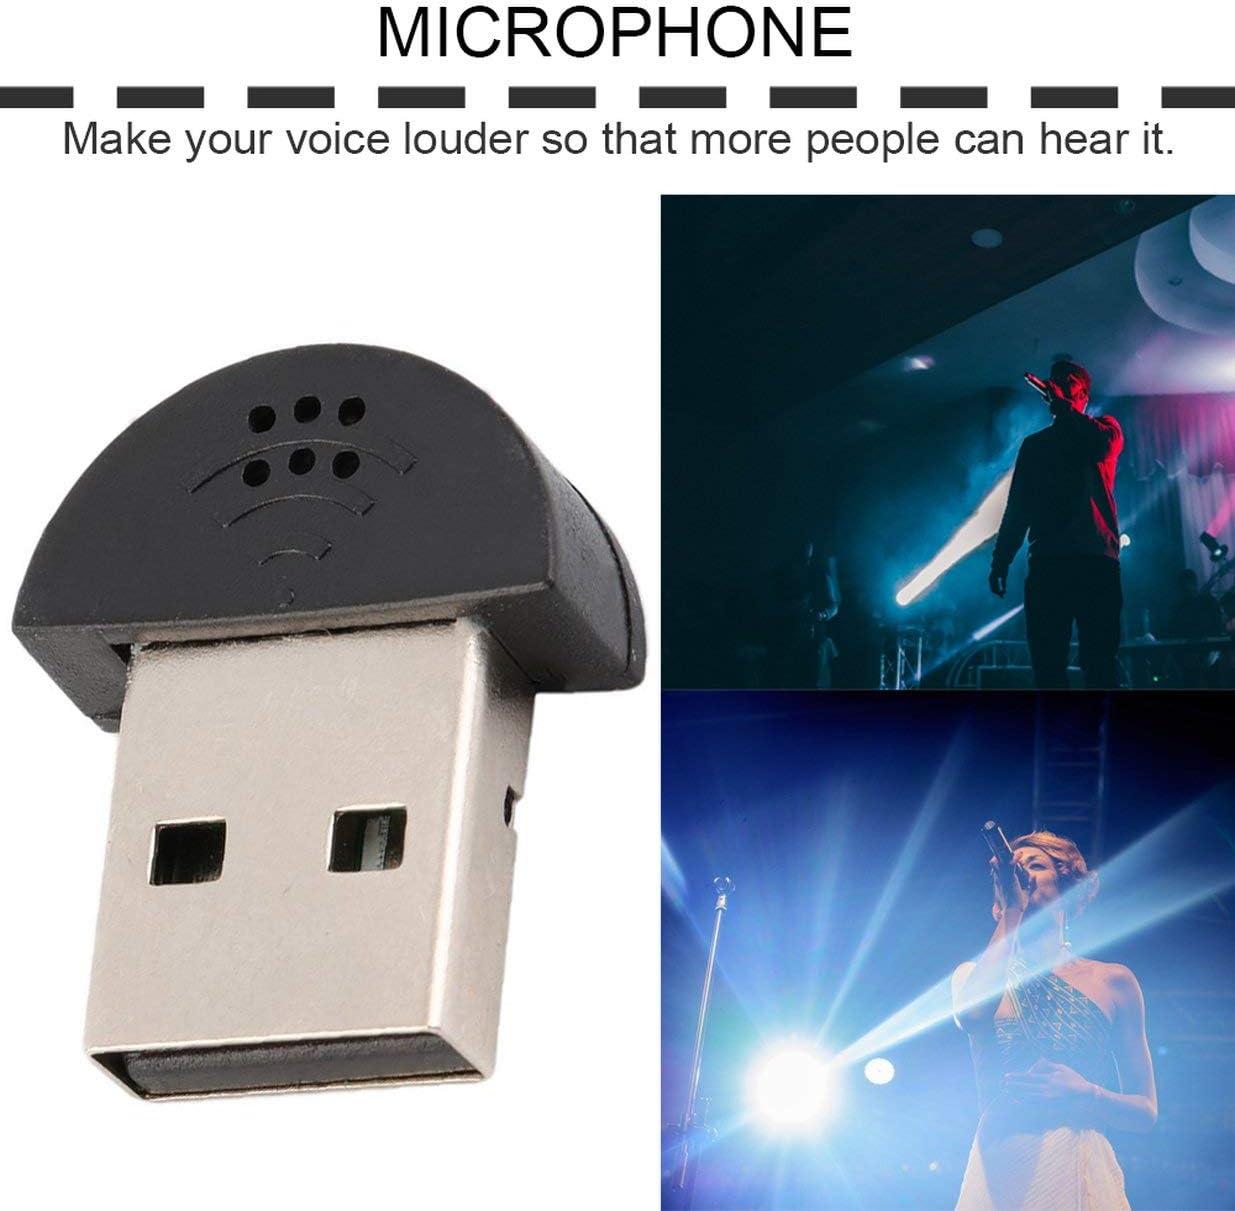 Sairis Super USB Mini Microfono USB 2.0 leggero MIC Adattatore audio 100-16kHz per PC Notebook Laptopest